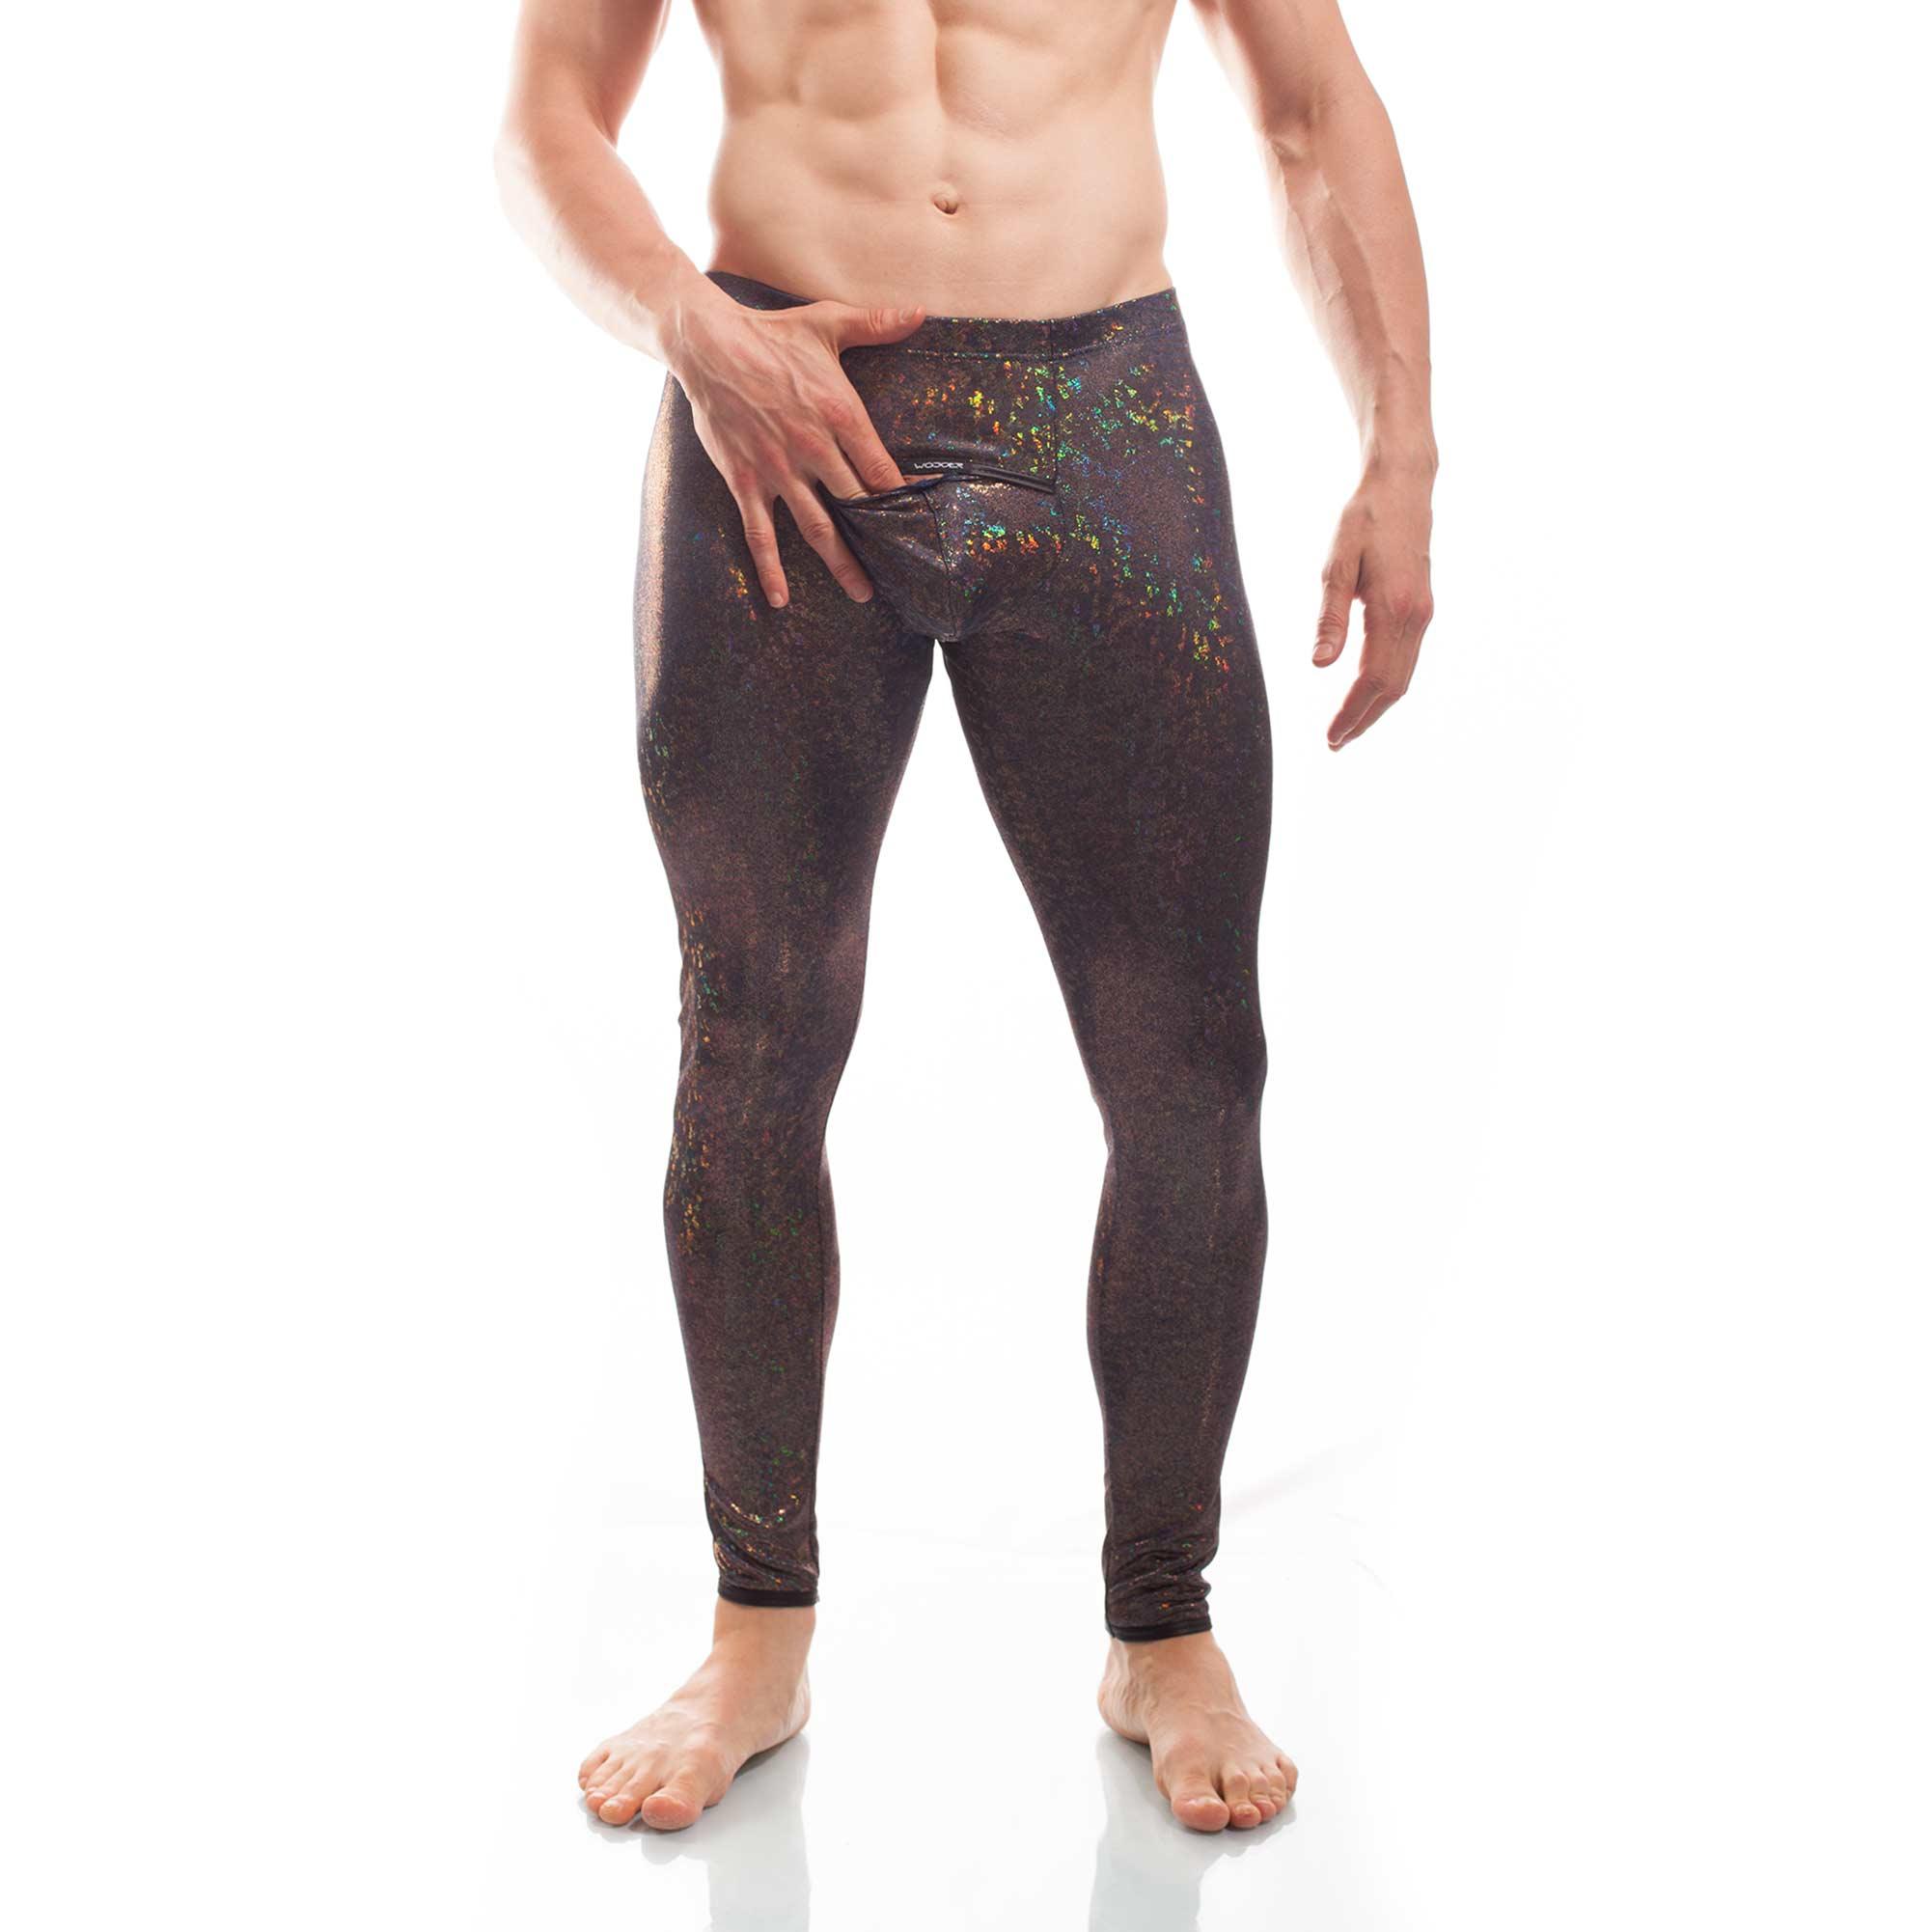 Bunt schimmernde Leggings mit schwarzen Kunstlederbündchen, aufgesetzter Tasche am Po und verstecktem Eingriff auf dem Suspensorium.